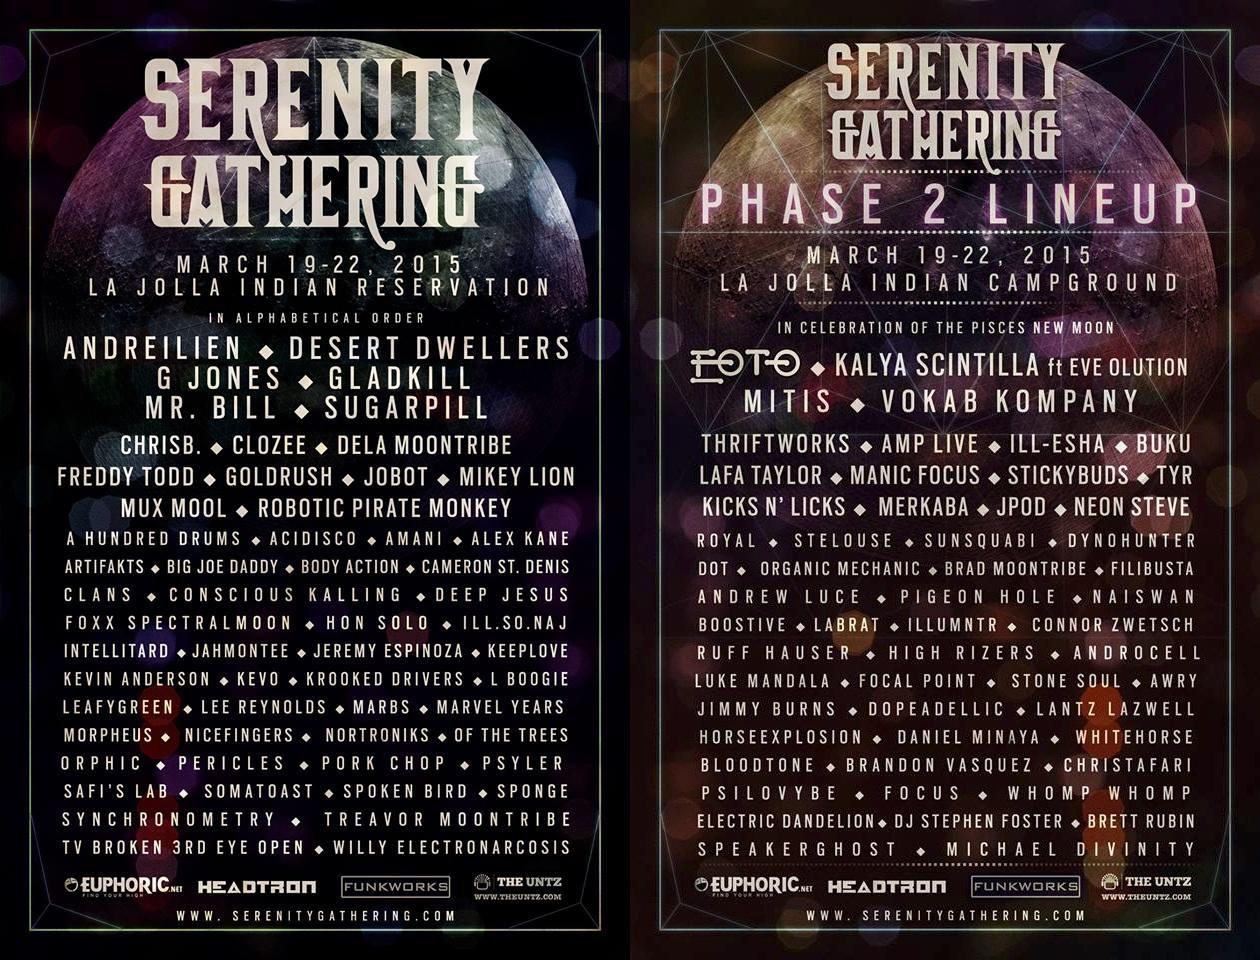 serenity gathering phase 1&2